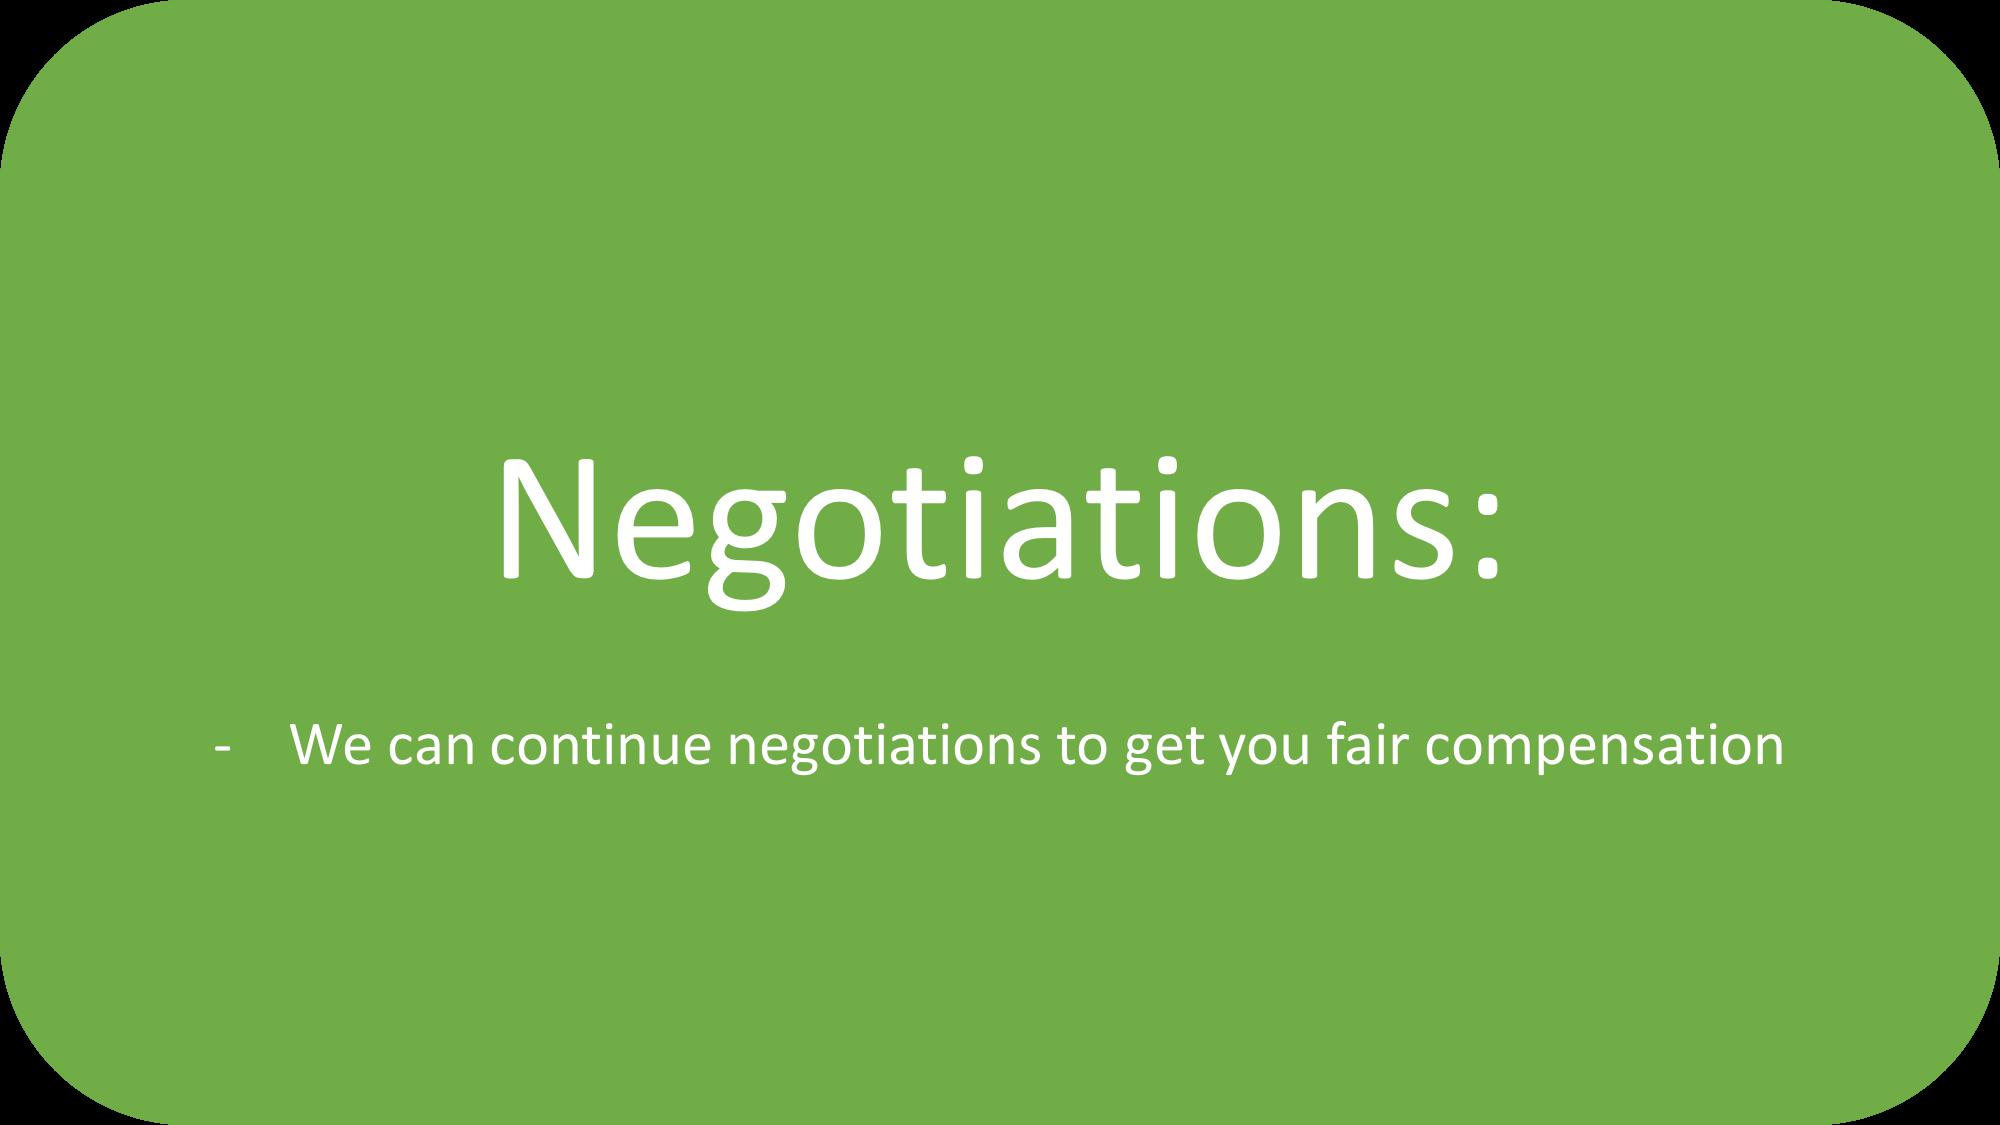 Negotiations 2.png